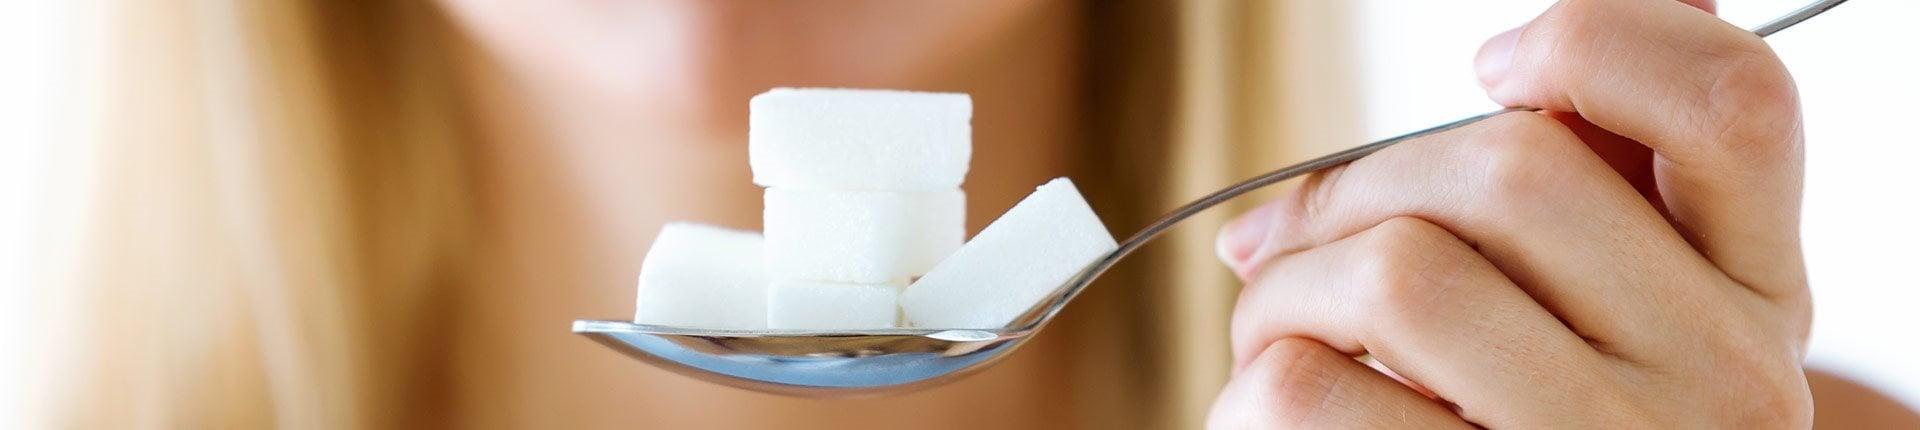 5 narządów w naszym ciele, którym szkodzi nadmiar cukru